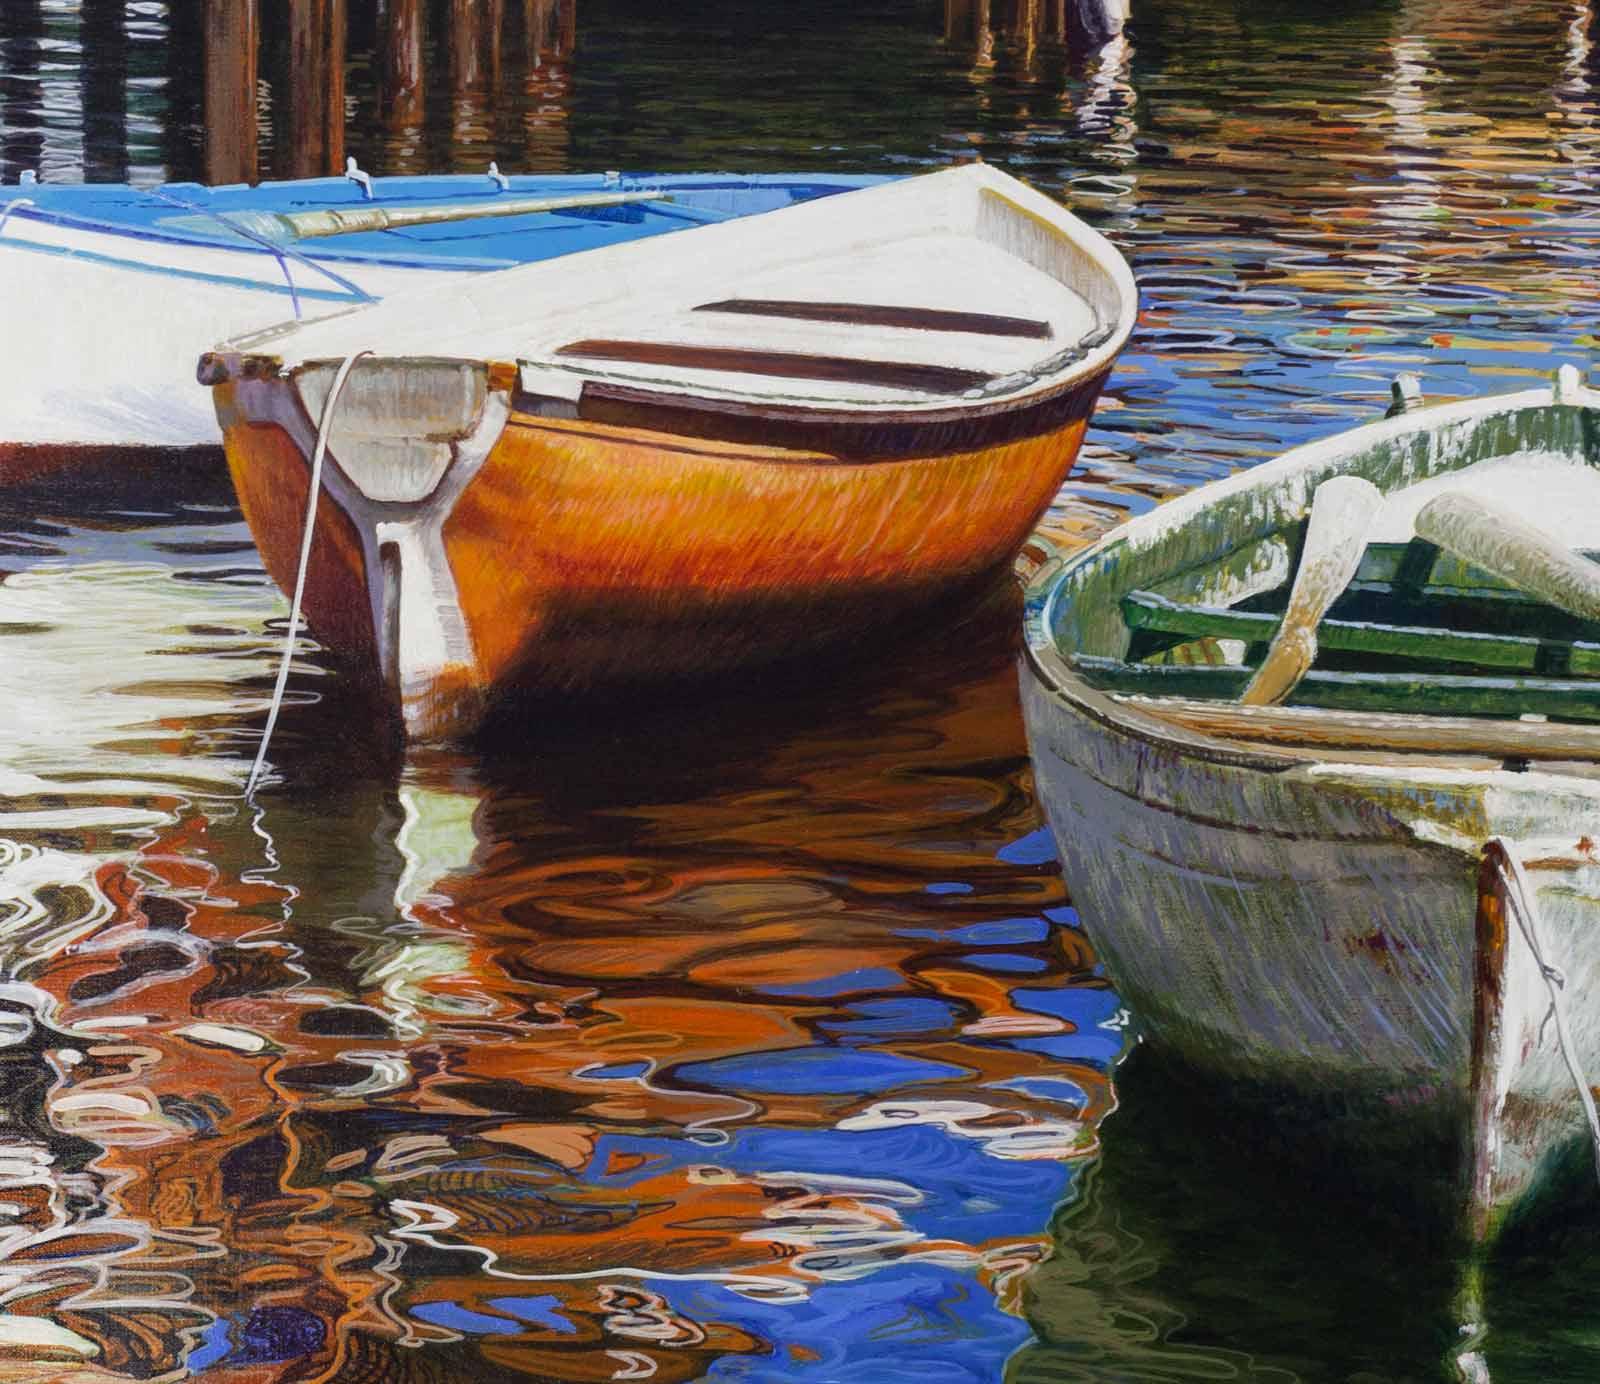 Moored Boats, Italy